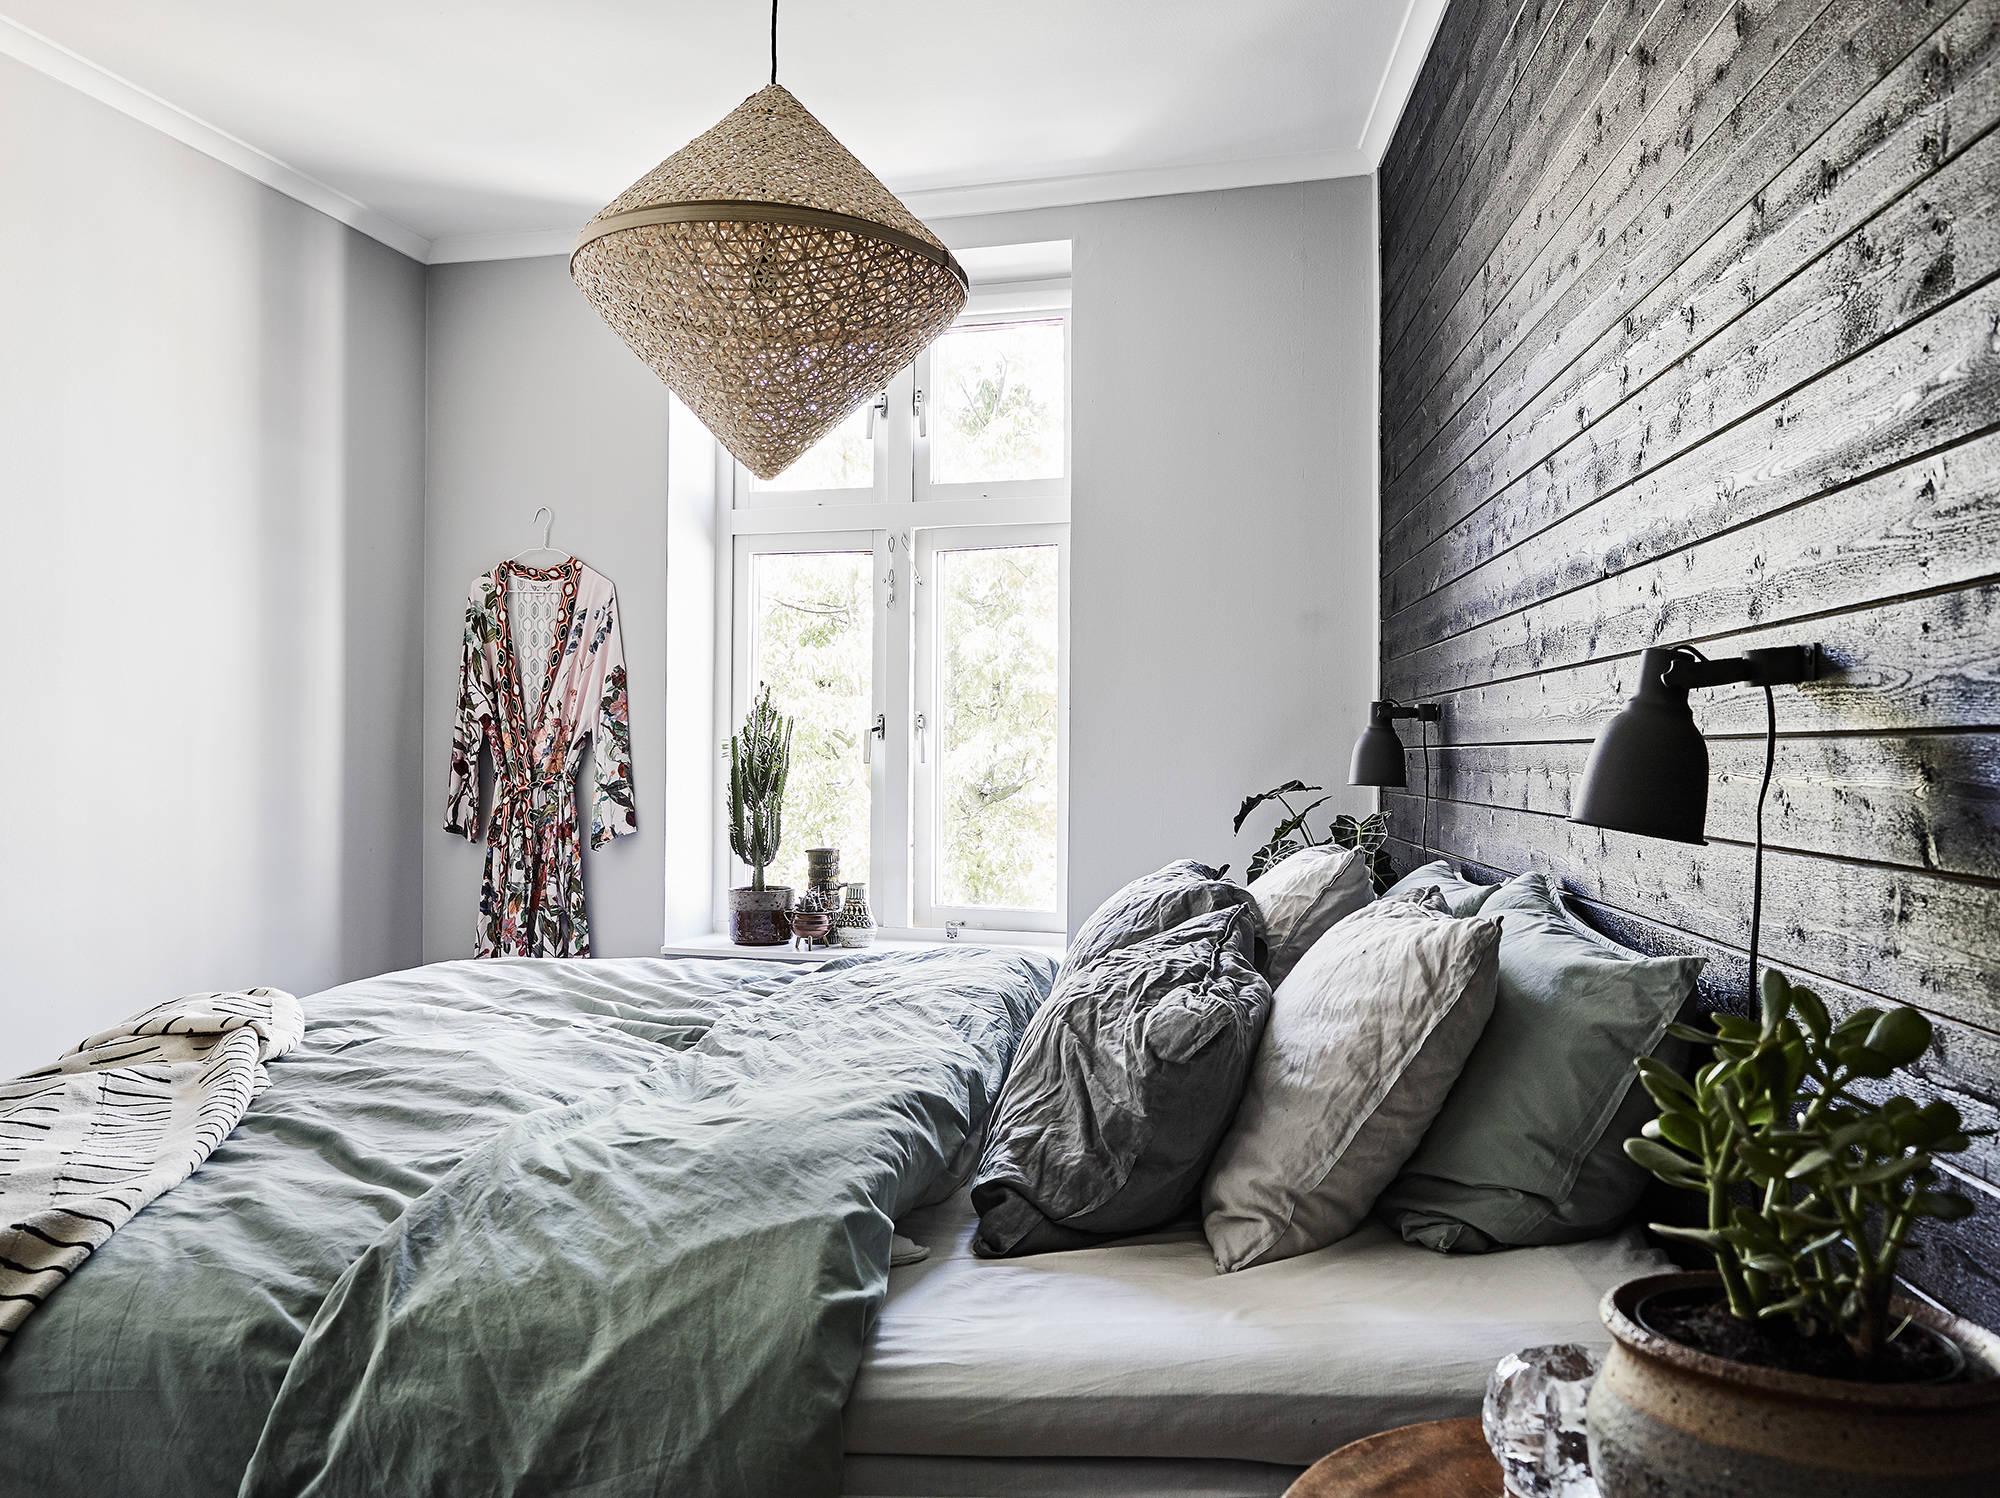 спальня кровать изголовье подушки